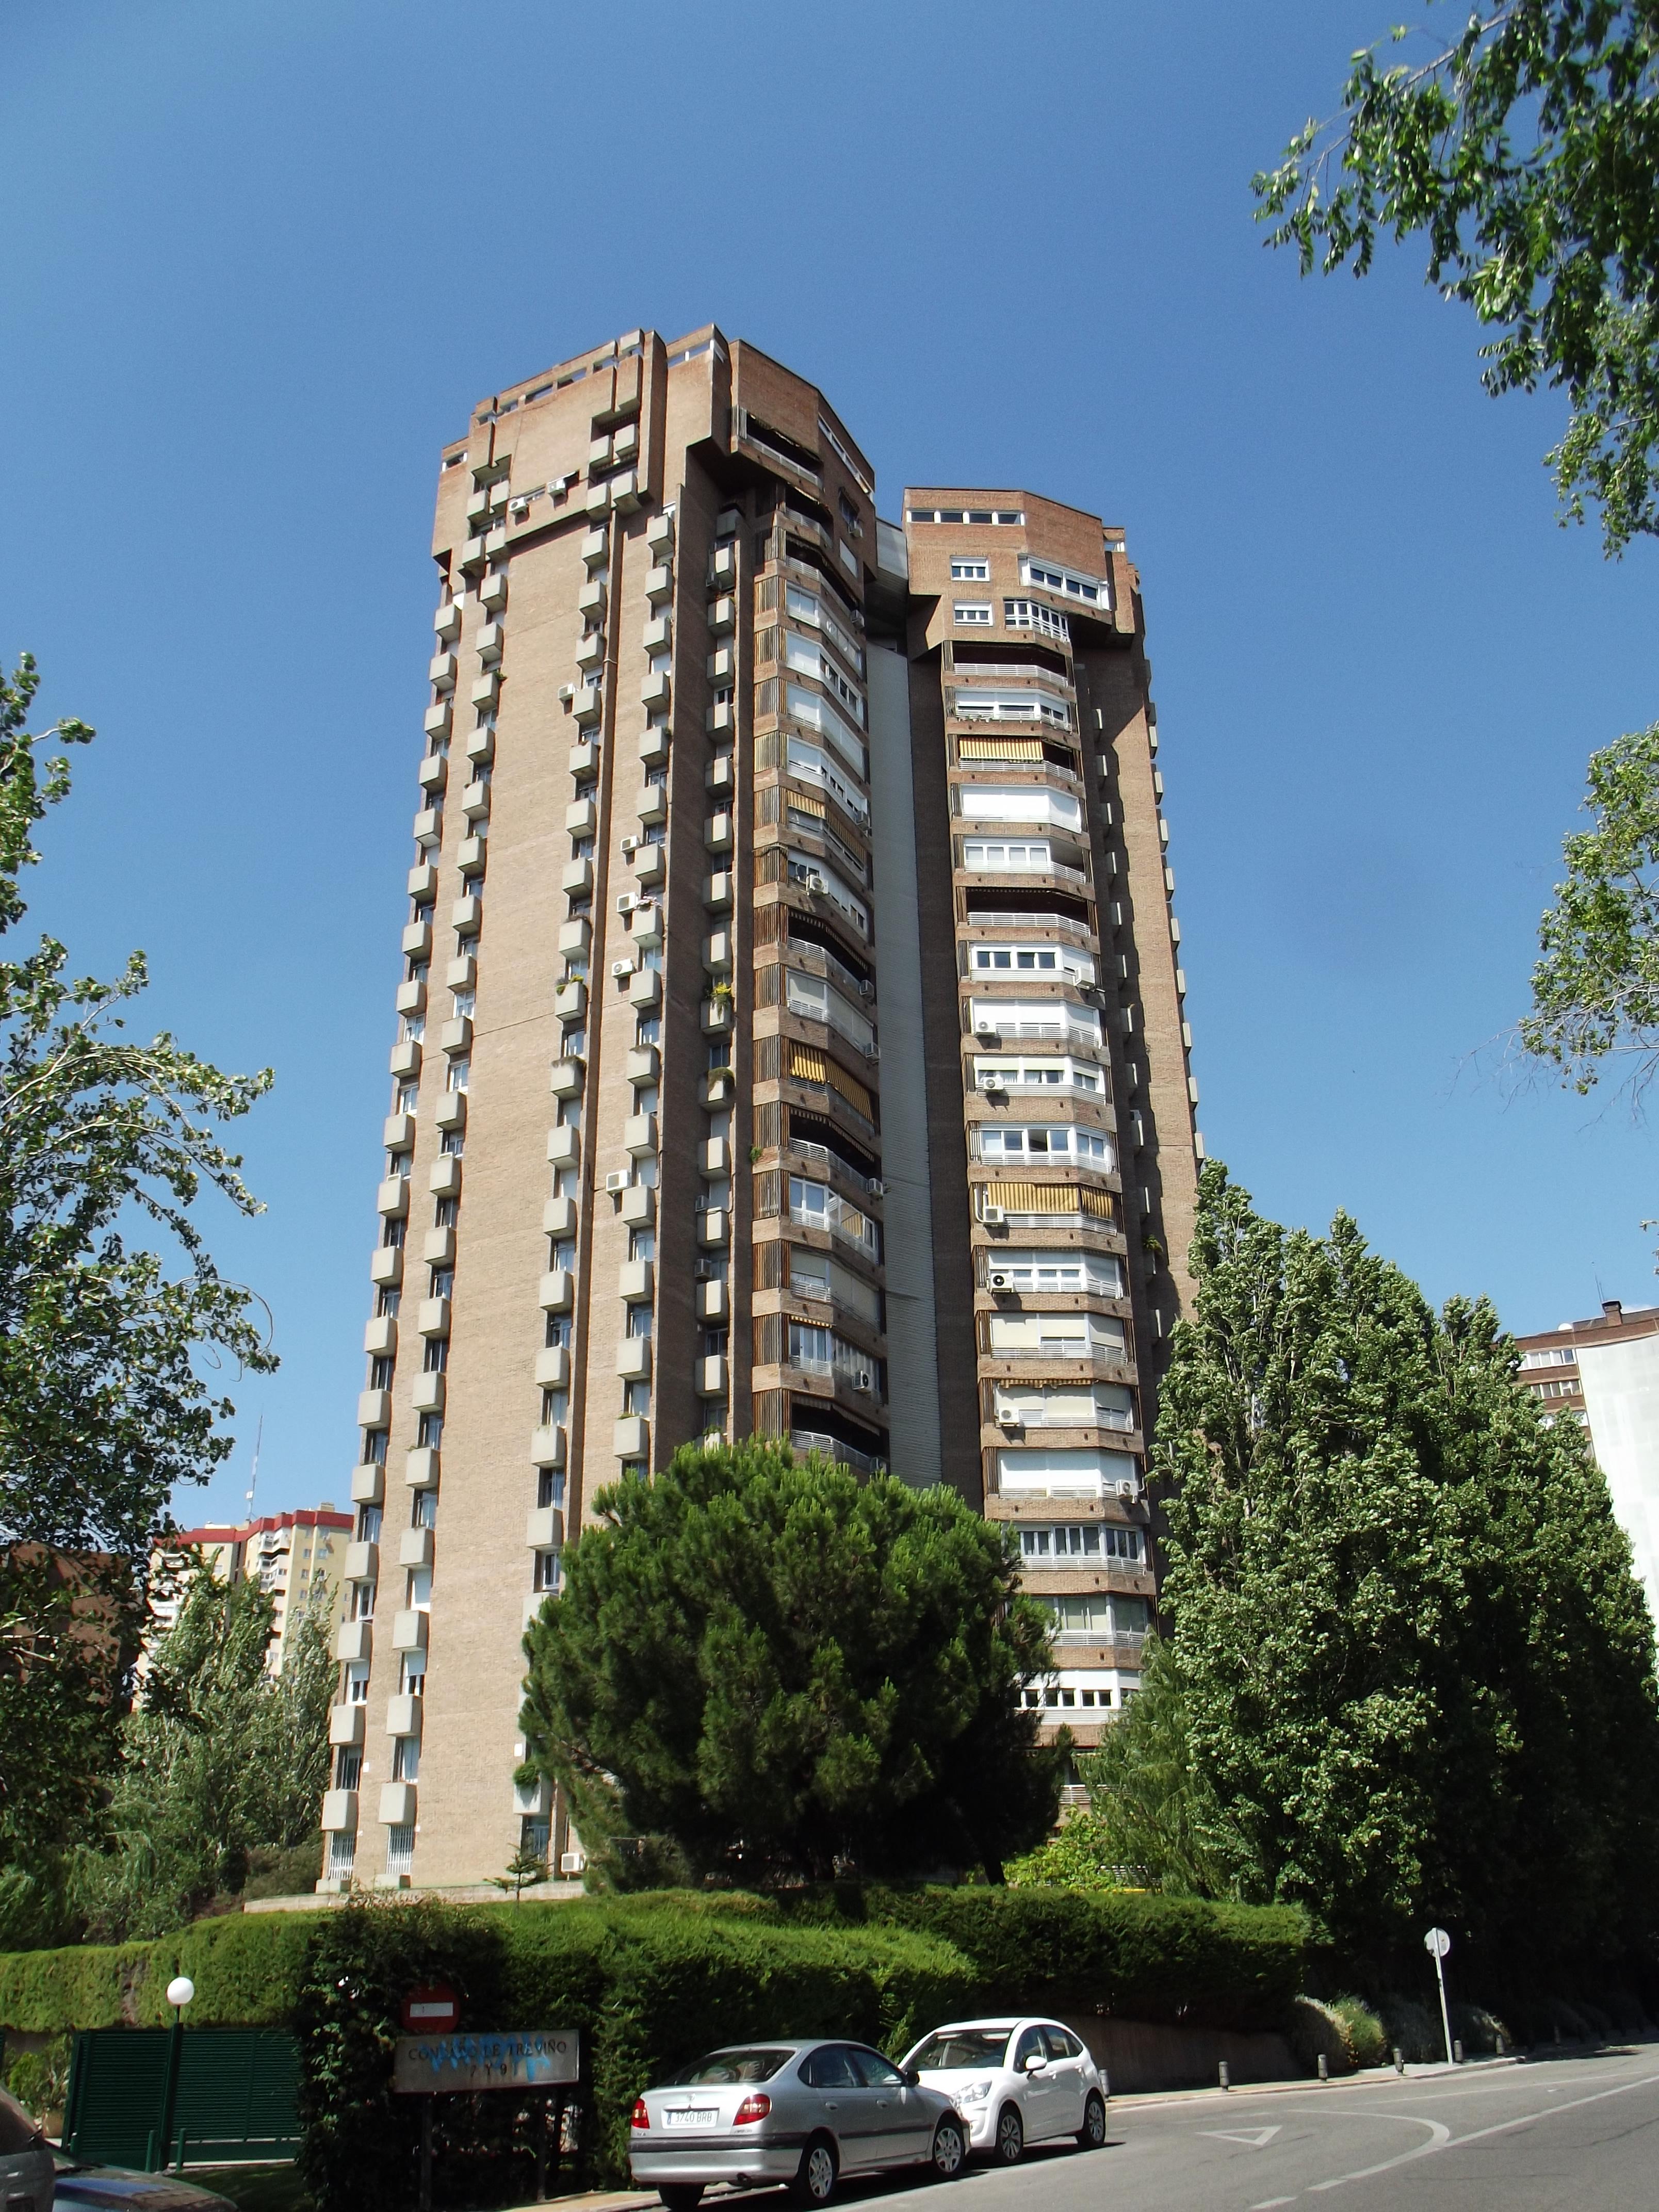 File edificio del n mero 9 de la calle condado de trevi o for Calle del prado 9 madrid espana